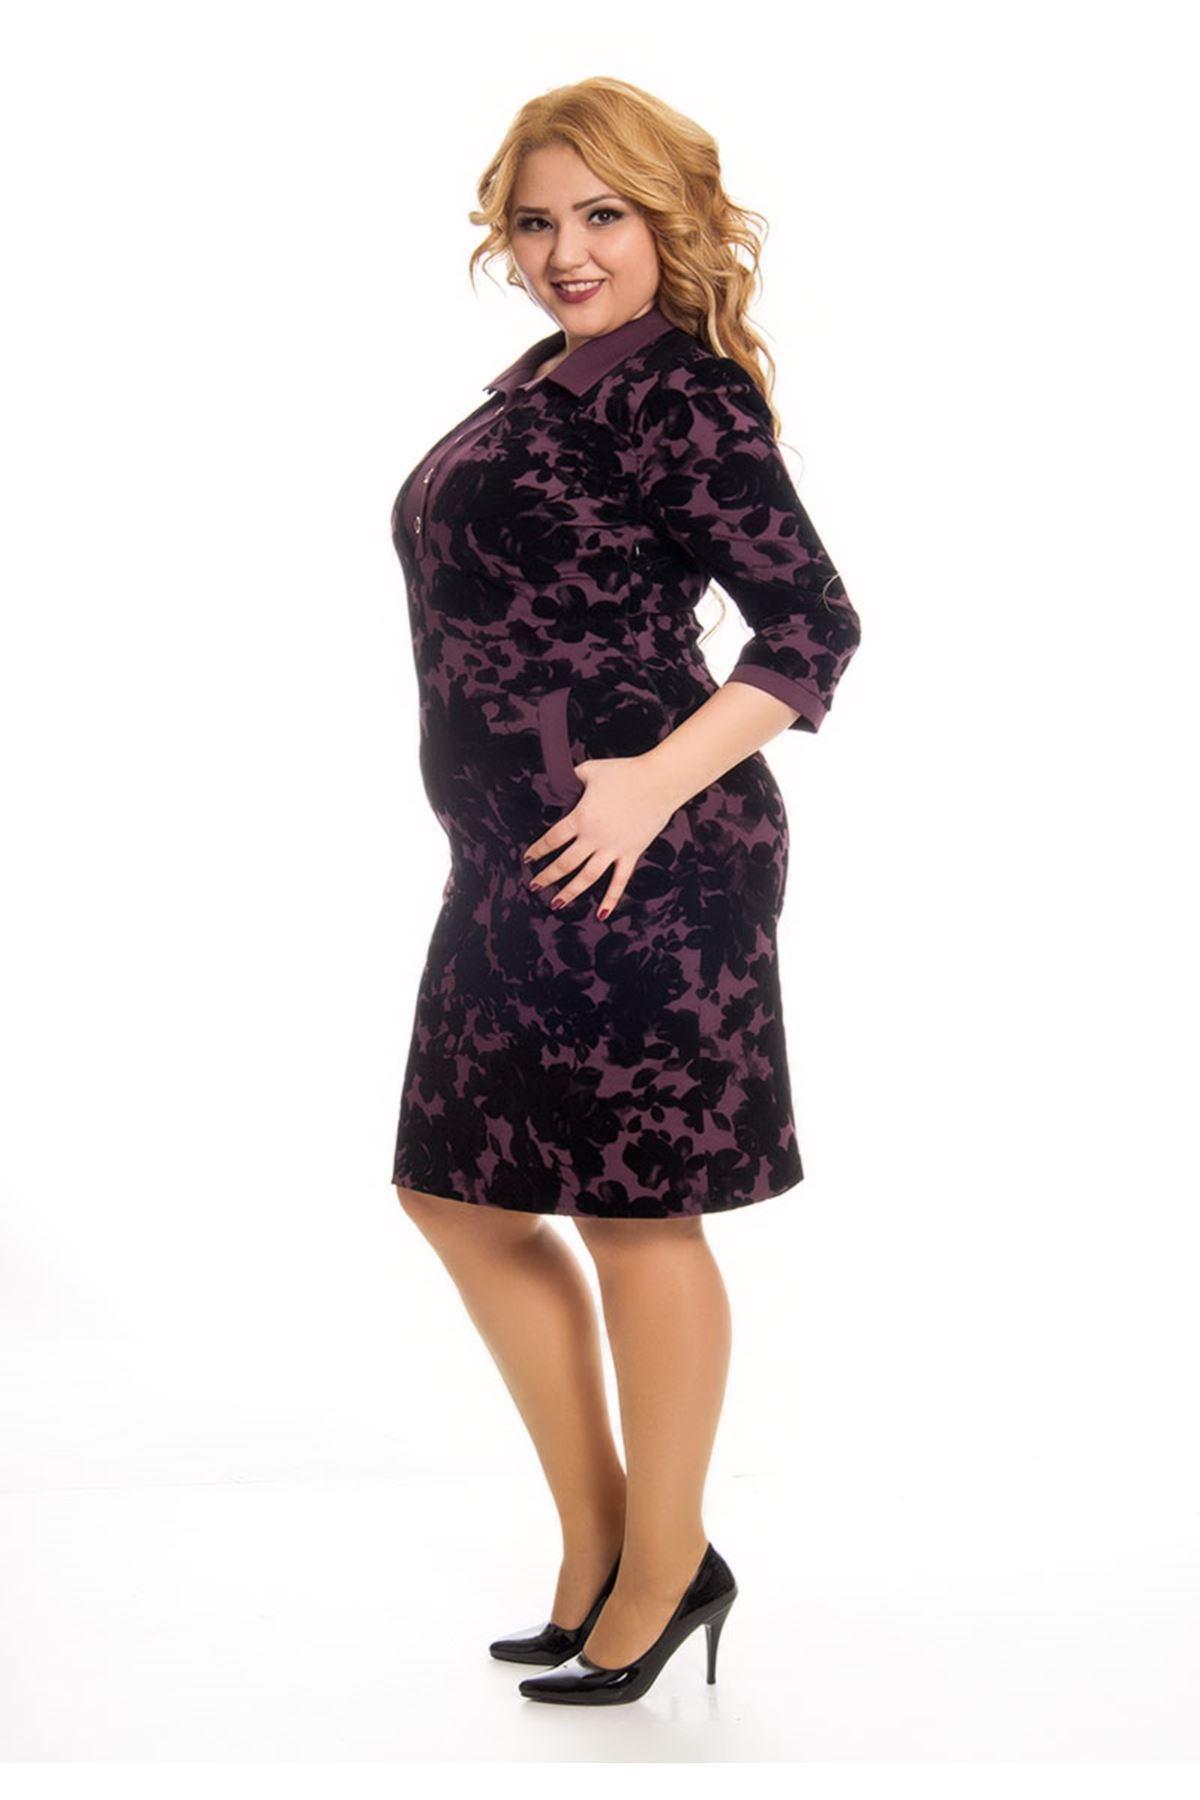 Mor Çiçek Desenli Kadın Elbise F11-122994